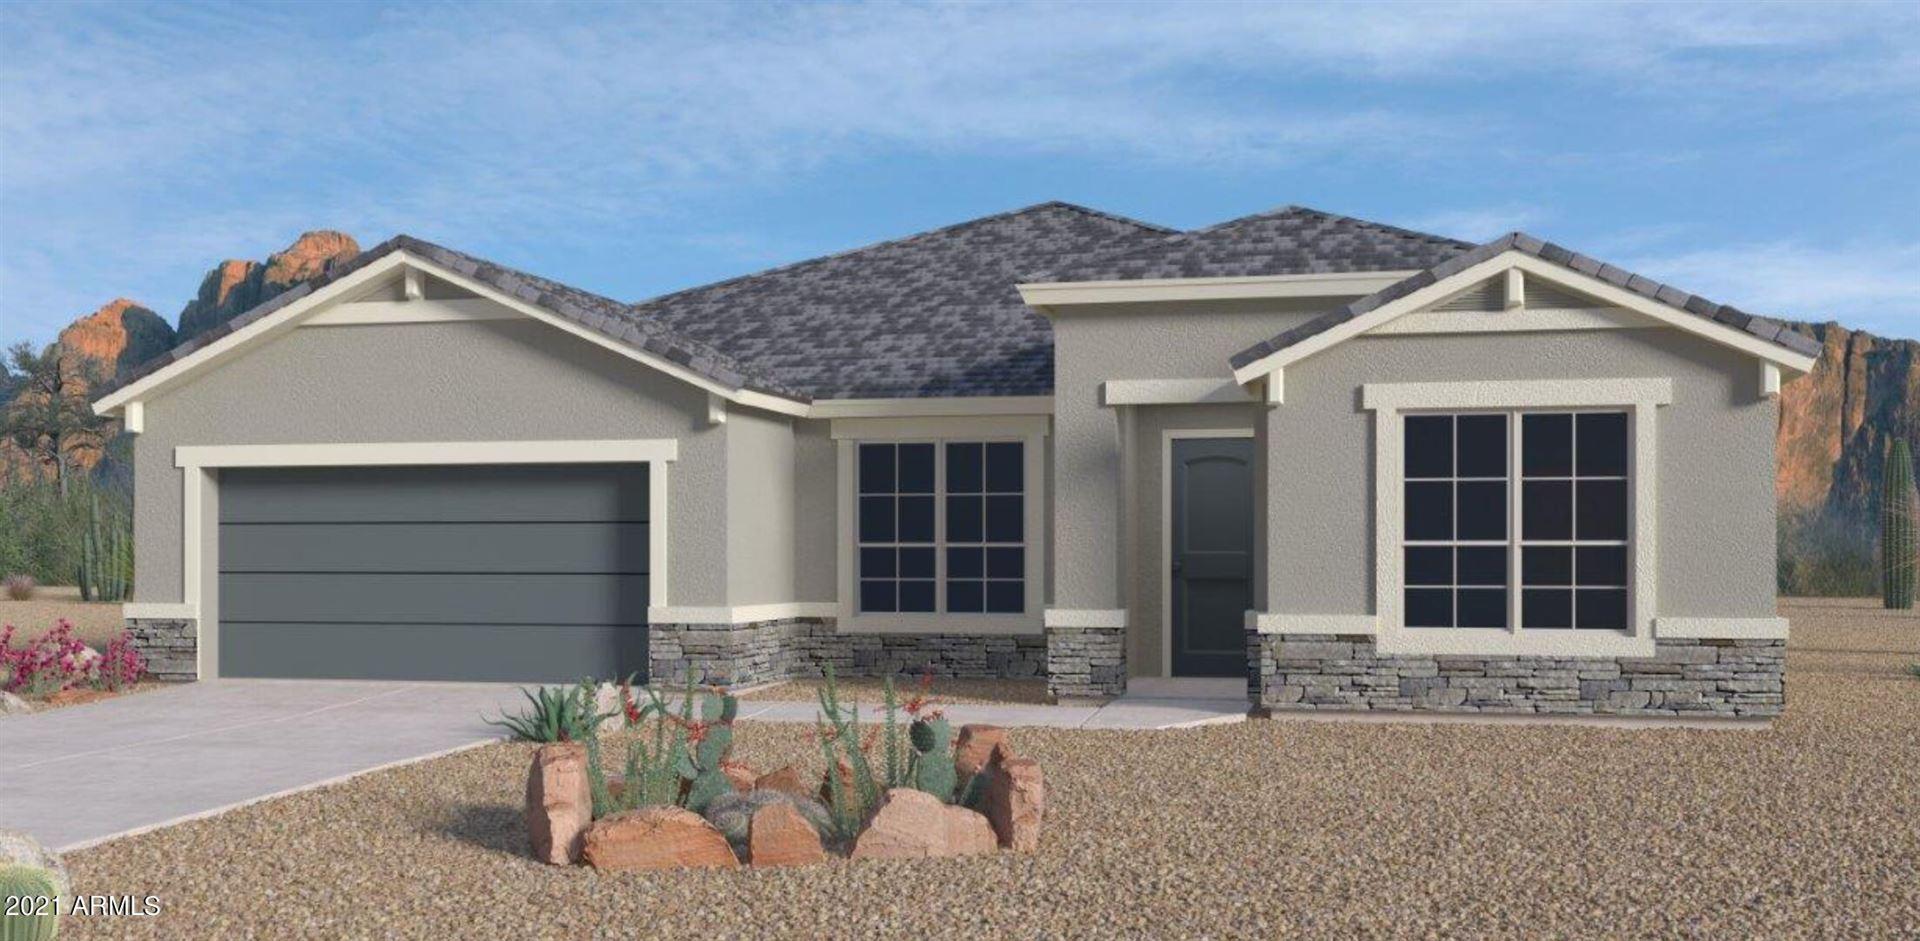 Photo for 44499 W PALO AMARILLO Road, Maricopa, AZ 85138 (MLS # 6240105)